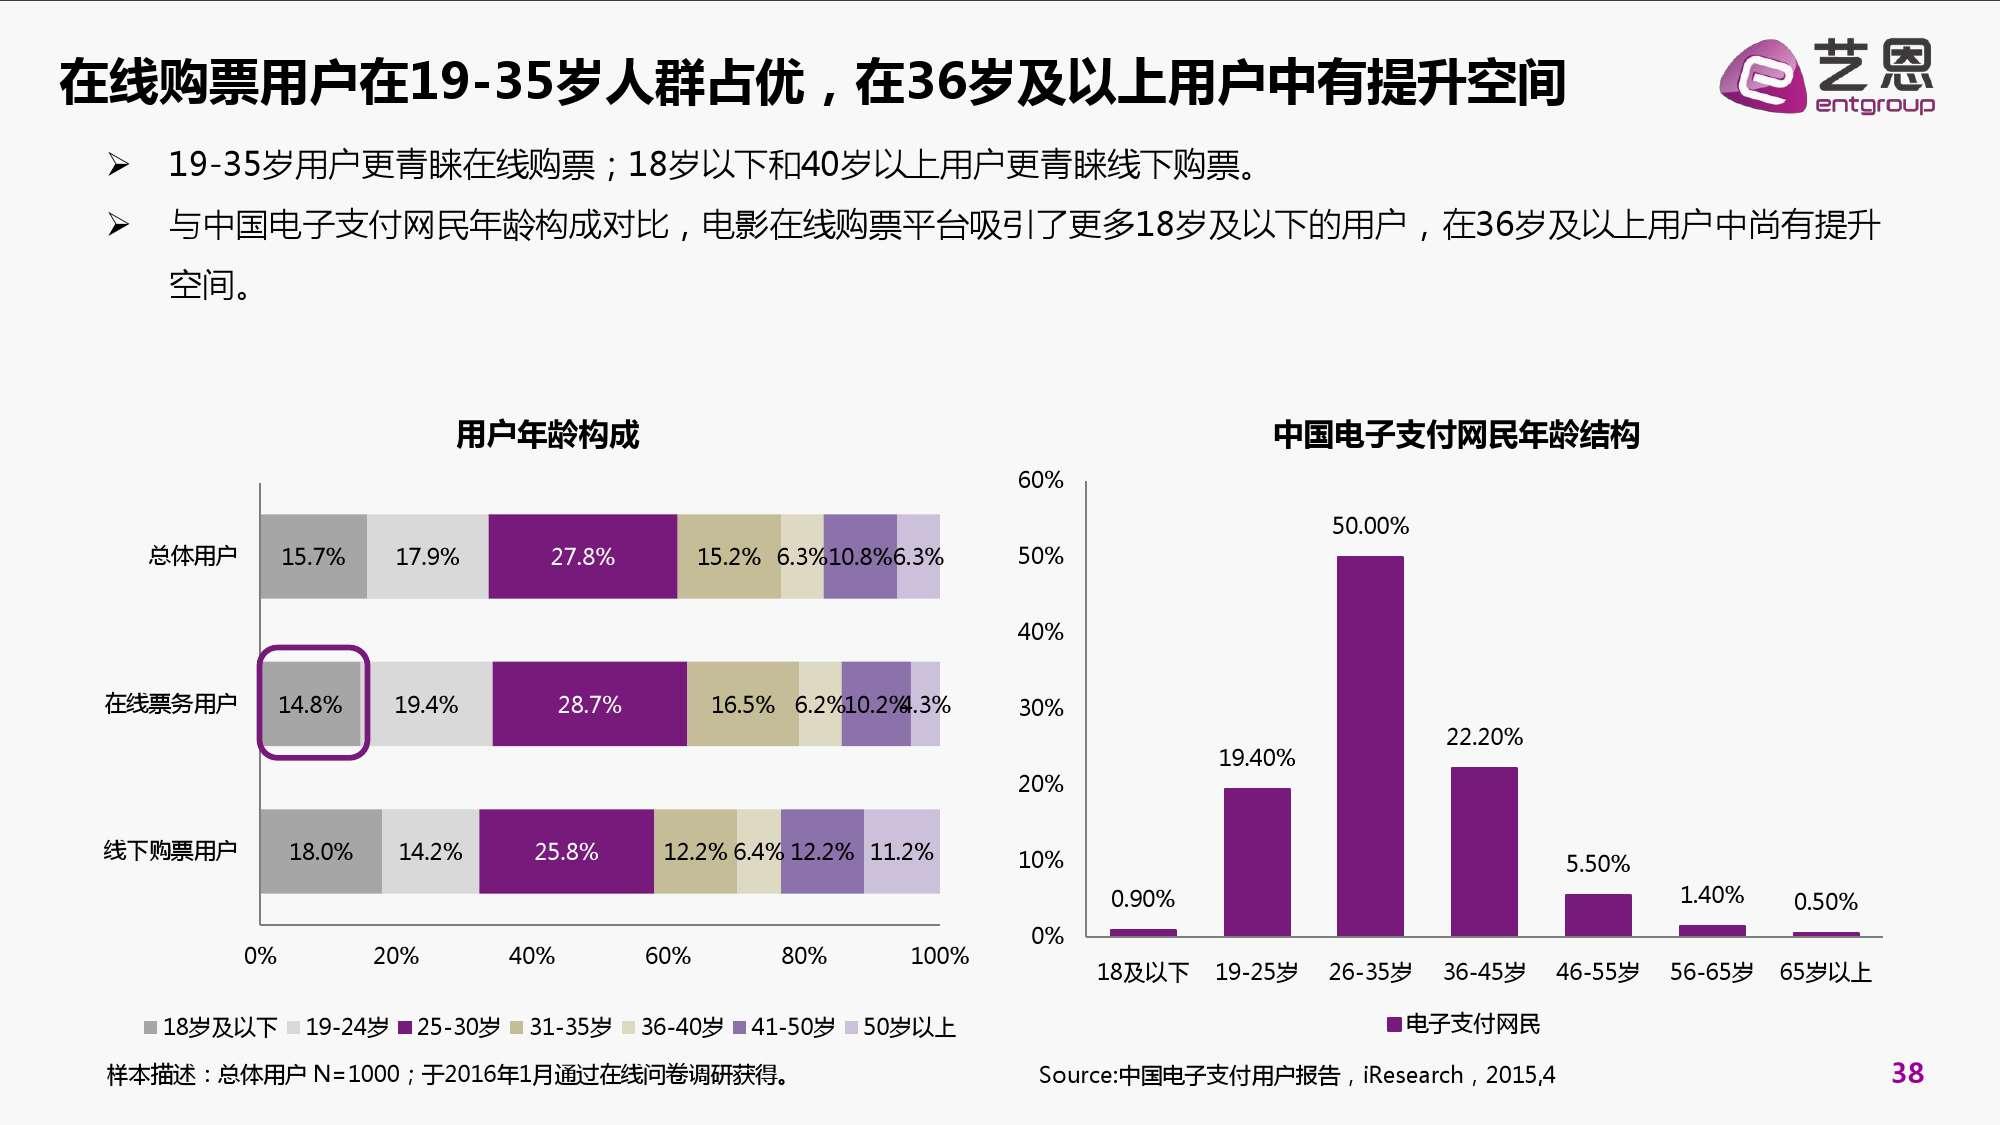 2016年中国电影在线票务市场研究报告_000038